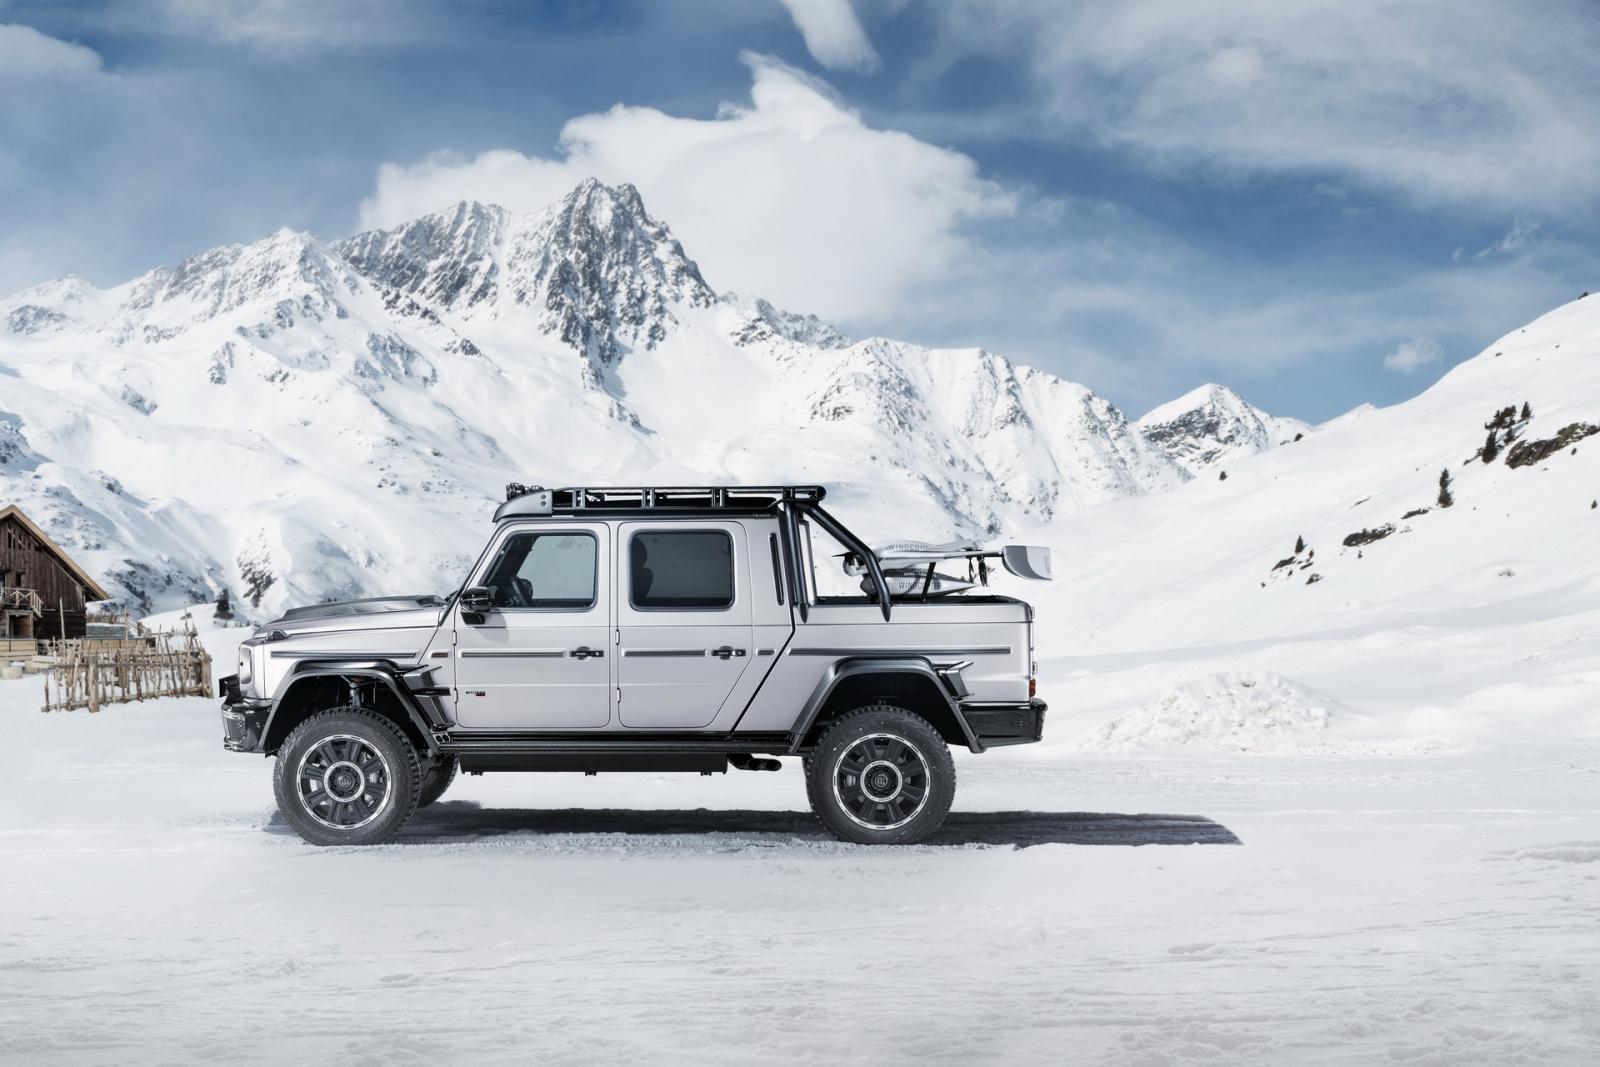 Название: Brabus-800-Adventure-XLP-04.jpg Просмотров: 615  Размер: 408.9 Кб